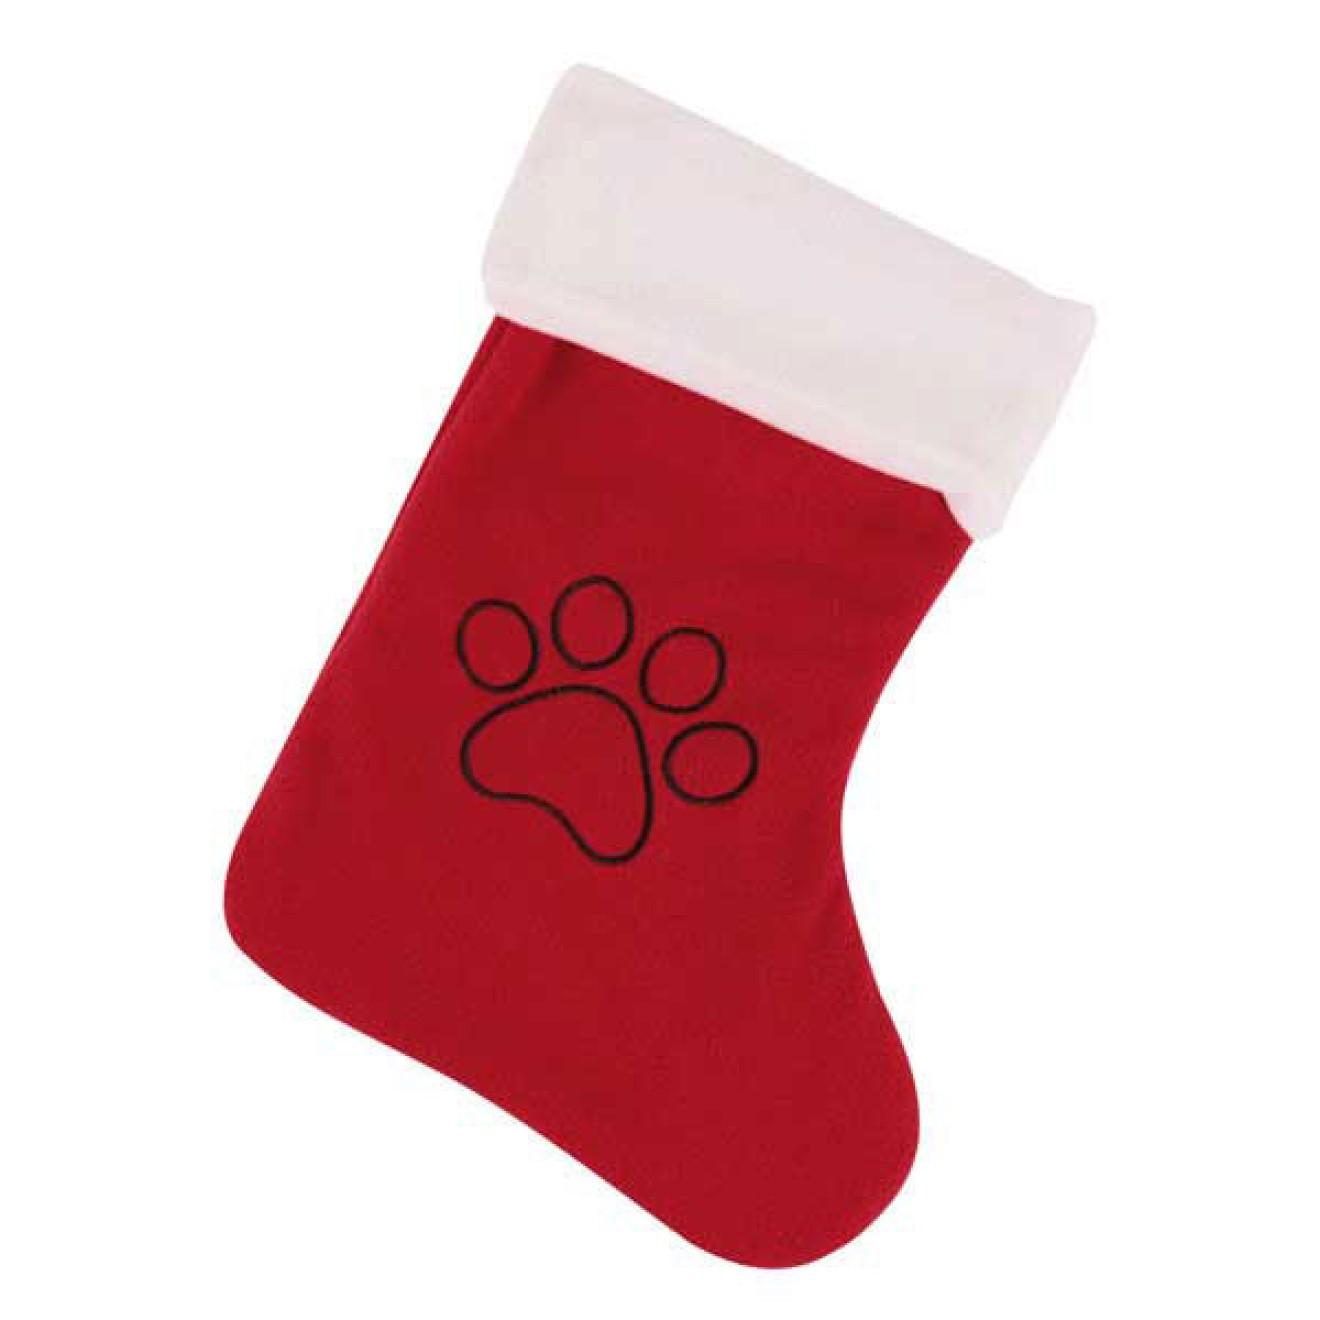 Hunde-Weihnachtssocke Gib Pfötchen, Weihnachtssocke für Hunde